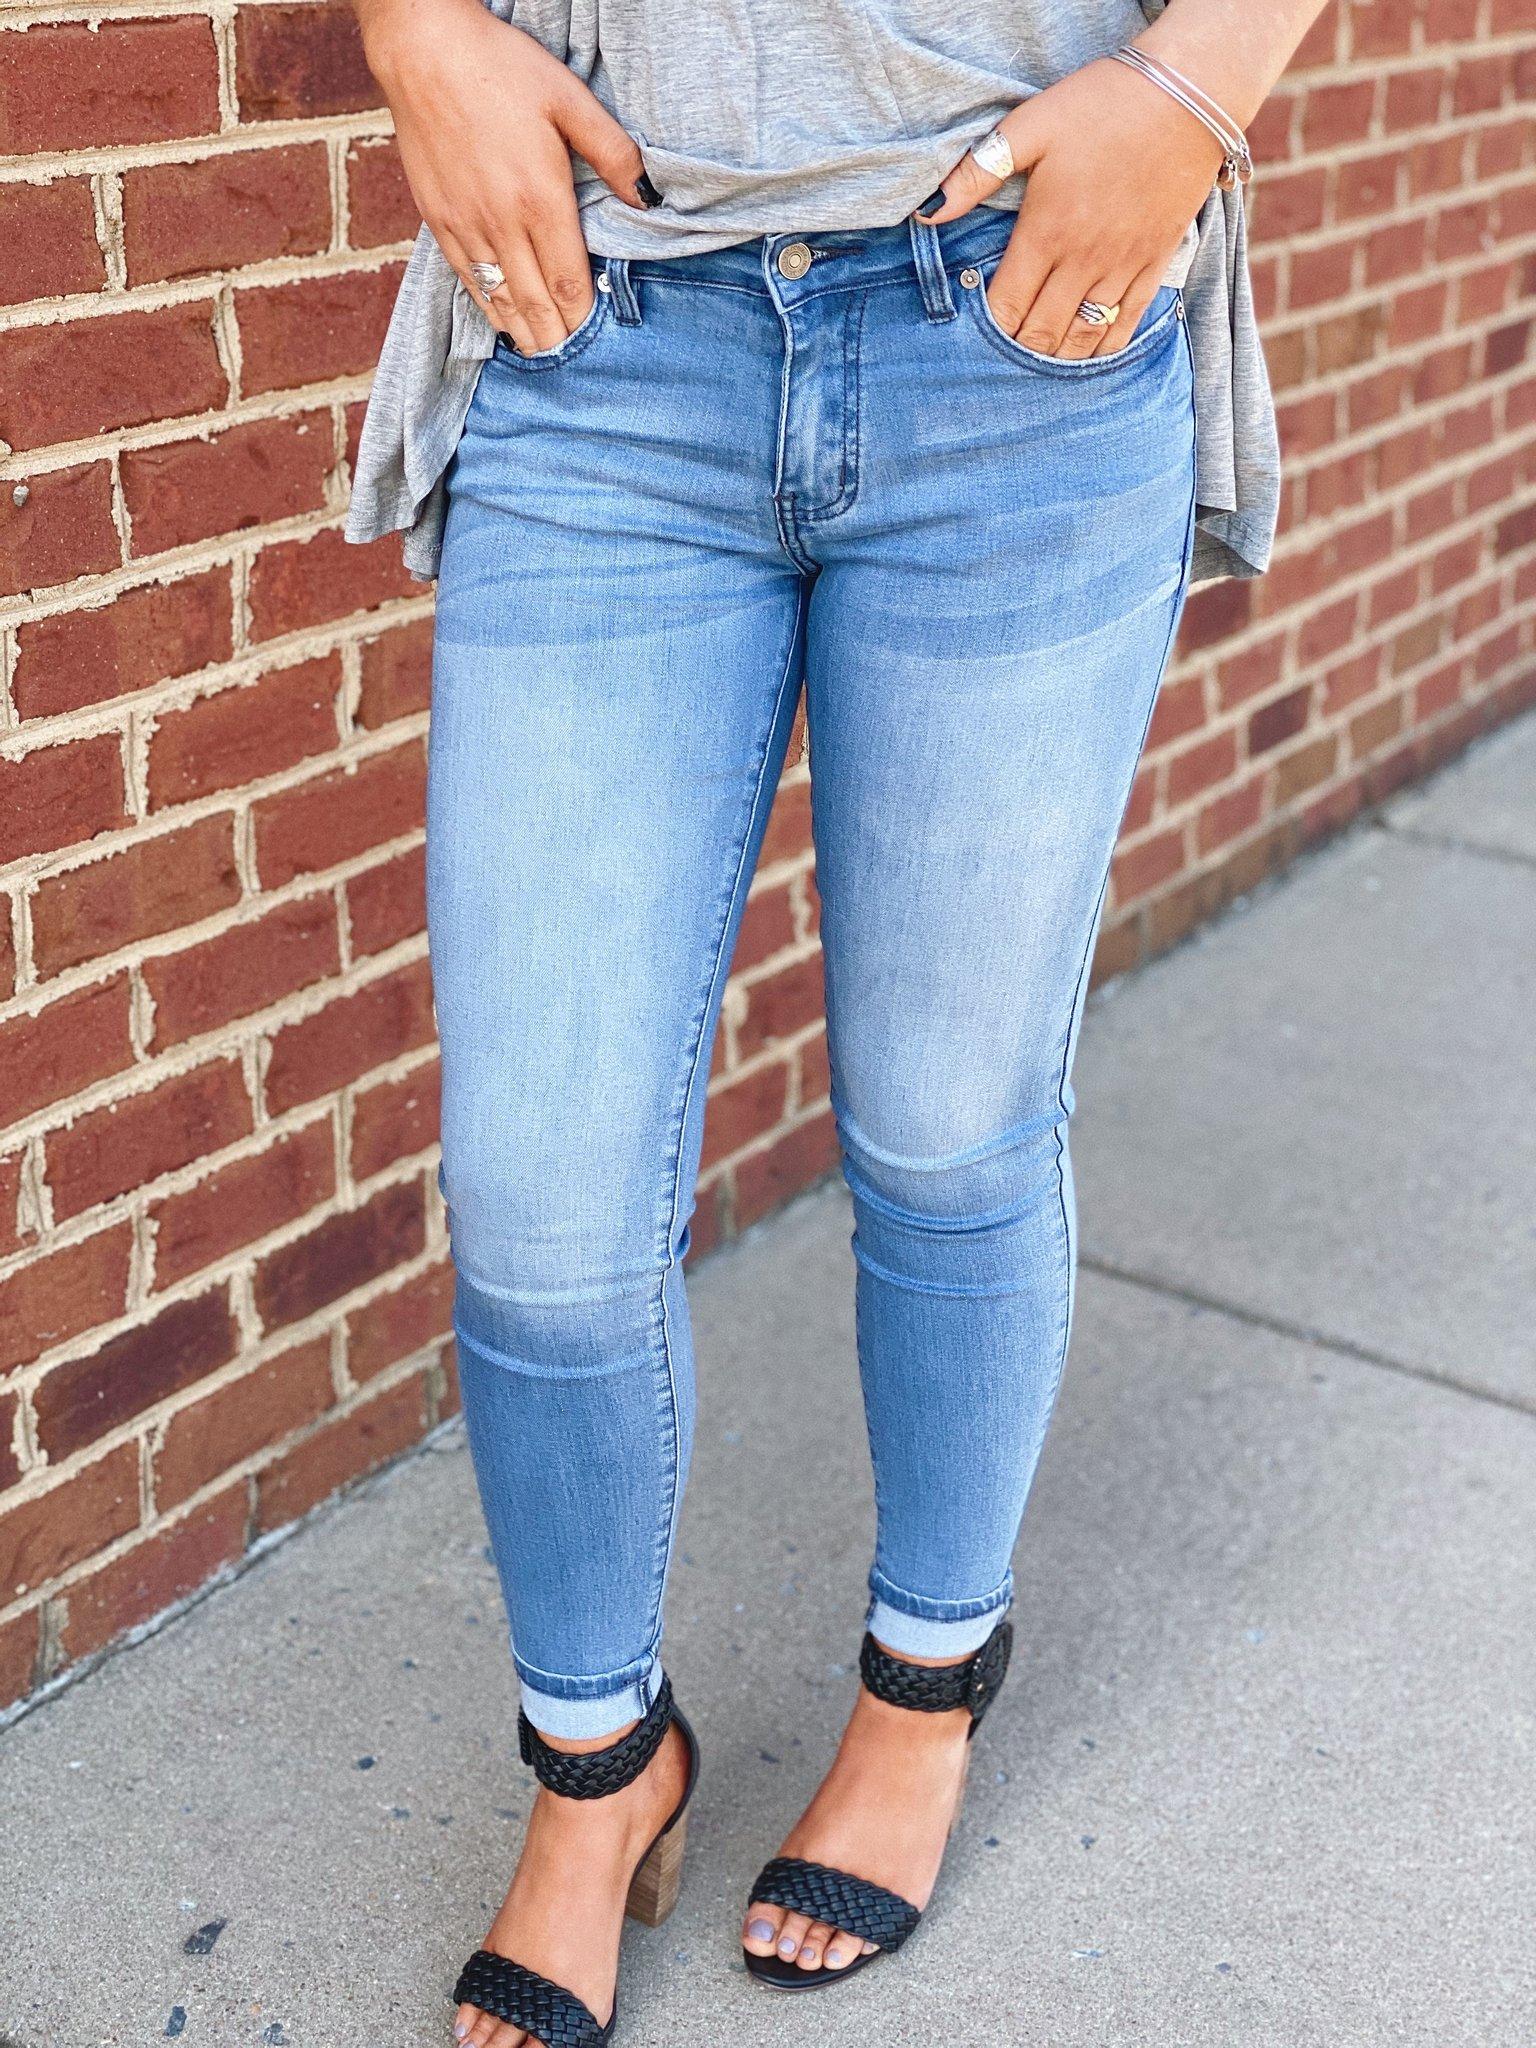 BTV thời trang chỉ ra kiểu quần jeans đã khiến chân to còn lạc mốt đến nơi rồi, chị em đừng dại mà sắm